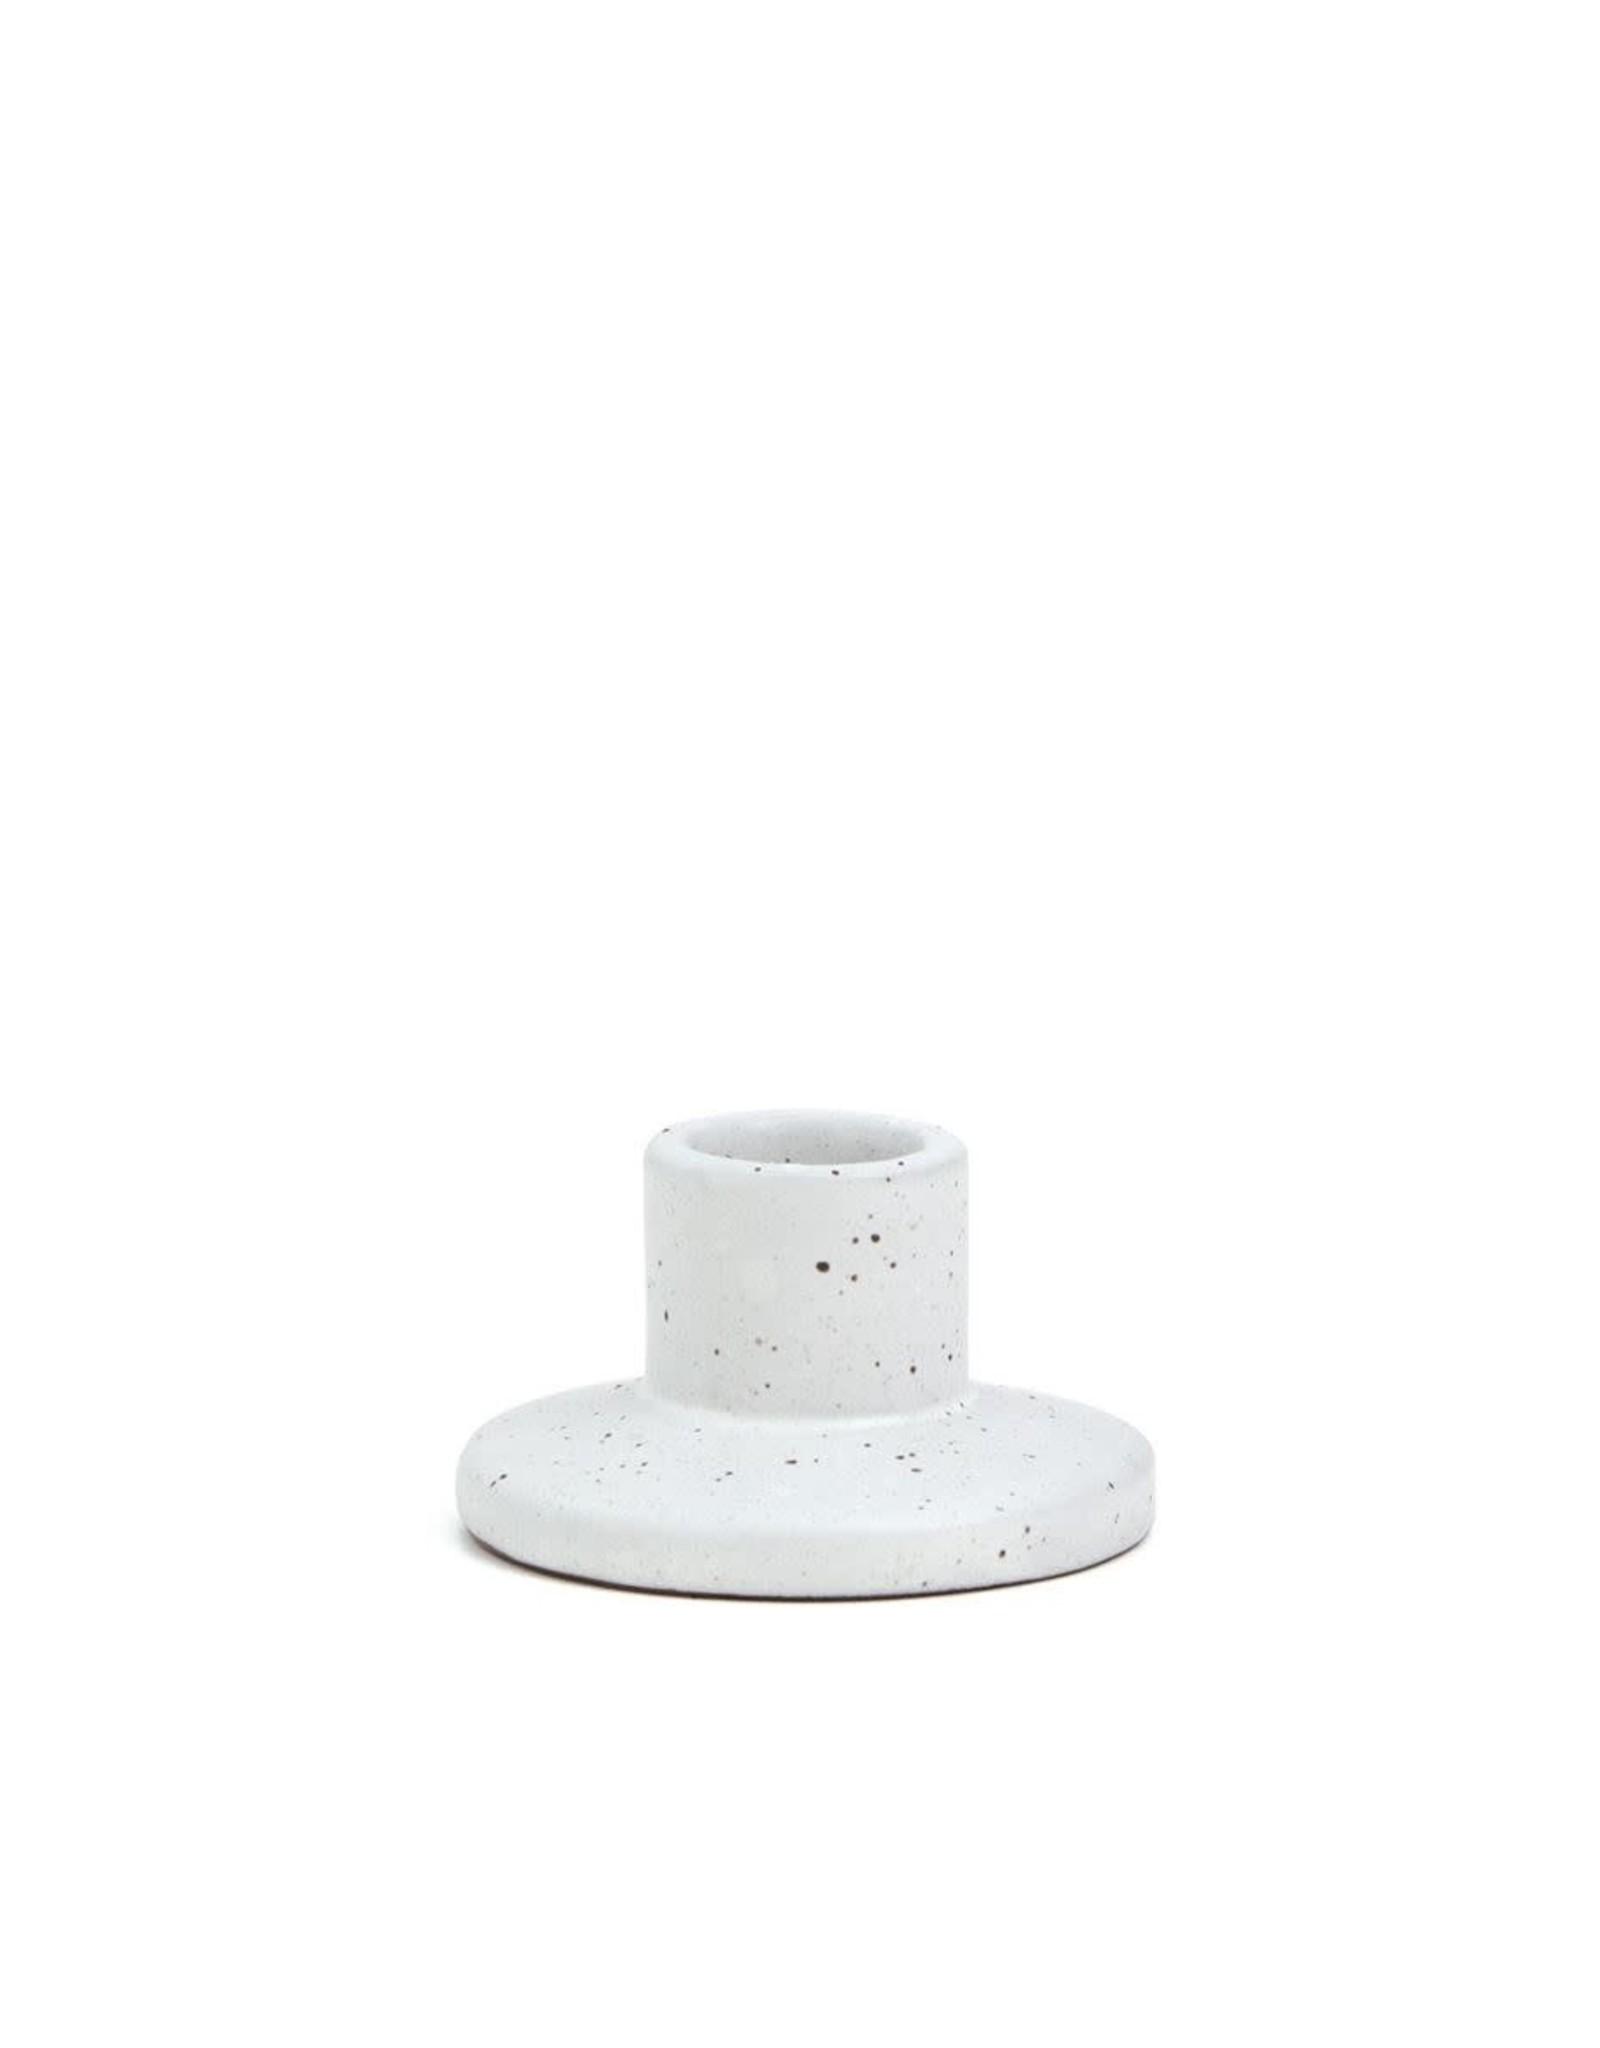 White Speckled Ceramic Taper Holder - Small